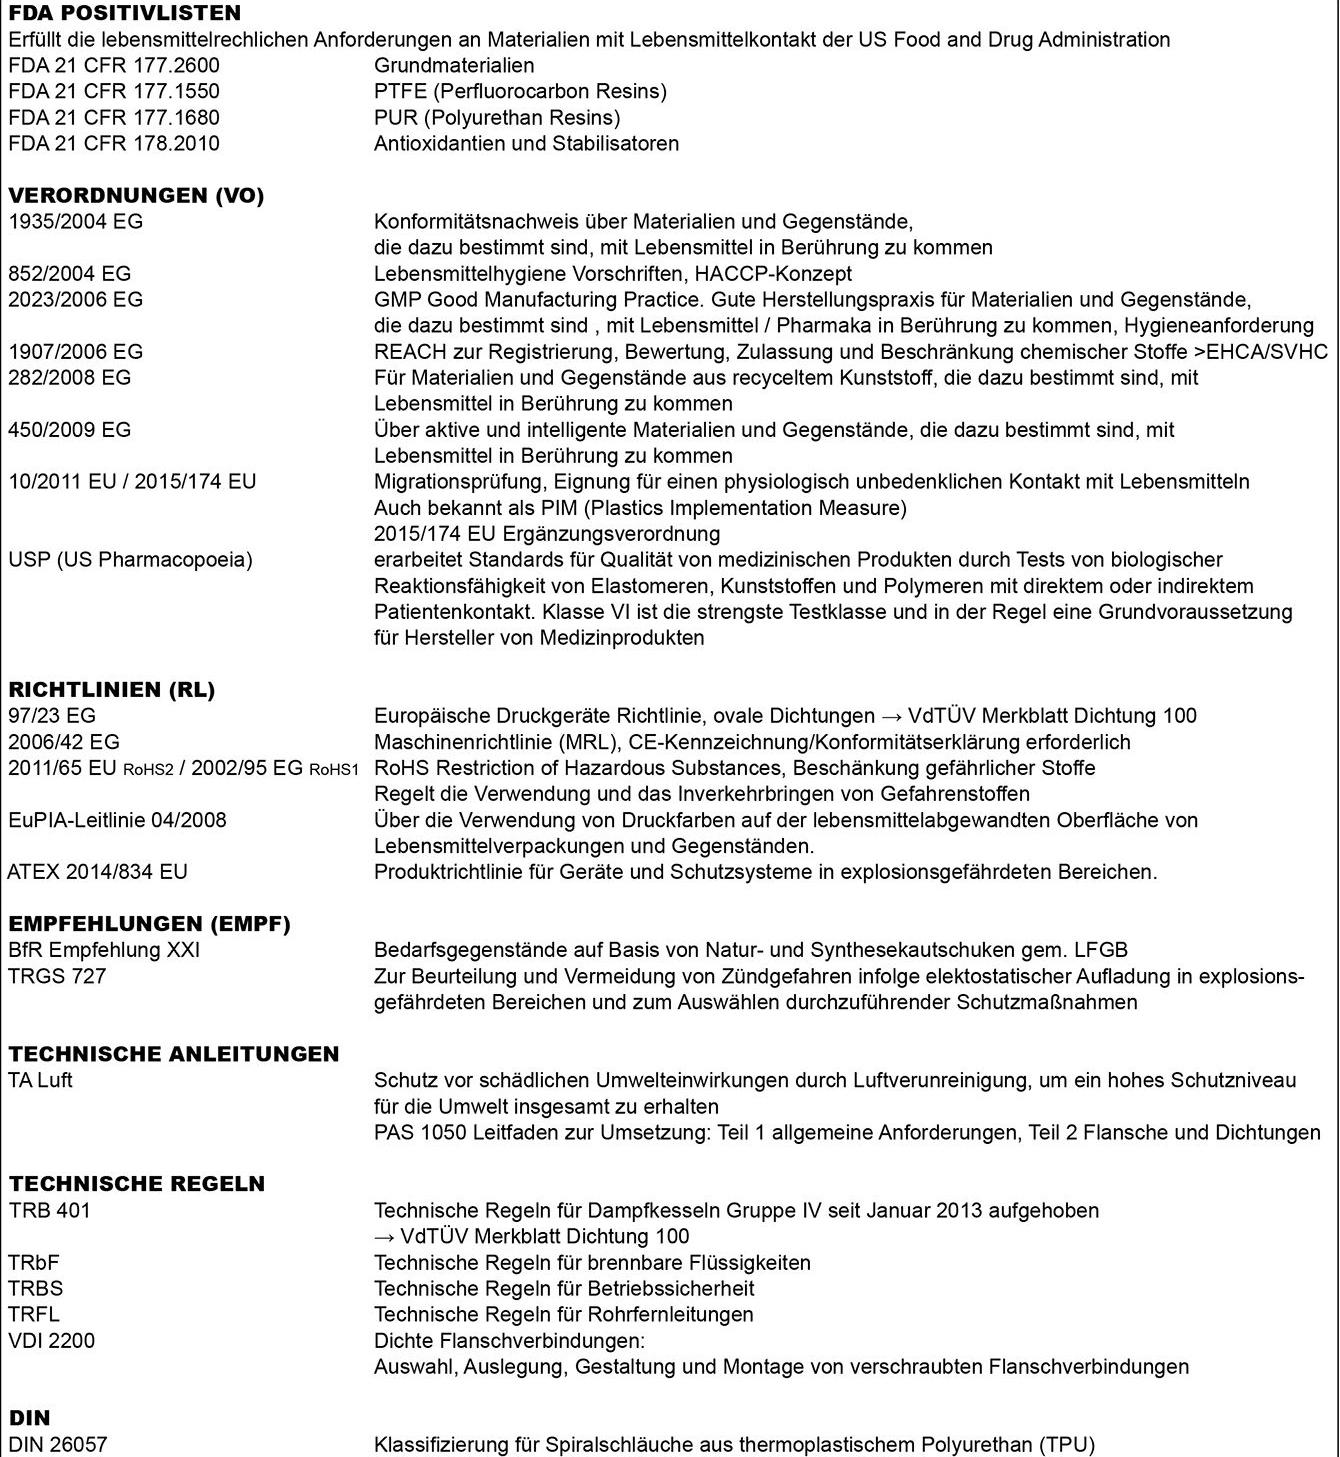 Tabelle Richtlinien, Verordnungen, Freigaben, Prüfungen, Normungsinstitute, Technische, Werte, Normen, Zertifikat, ISO,  9001:2008, Verkaufsbedingungen, Lieferbedingungen, Zahlungsbedingungen, DT, Dichtungstechnik